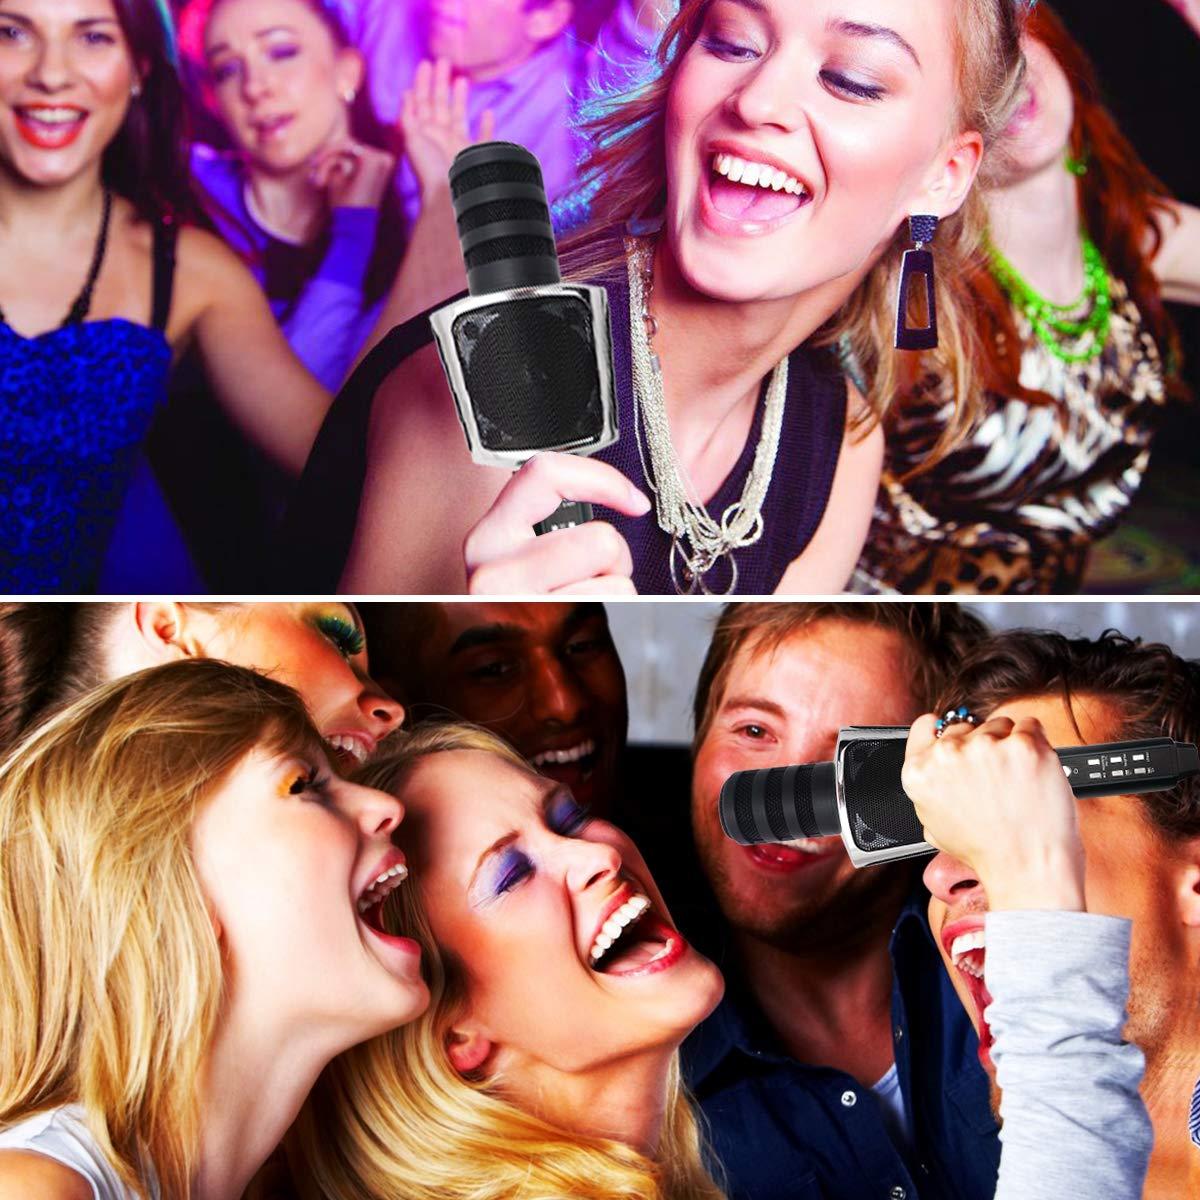 SYOSIN 3 en 1 Micr/ófono Port/átil Karaoke Micr/ófono Inal/ámbrico Bluetooth con Altavoz Compatible con iPad iPhone Smartphone Android PC AUX